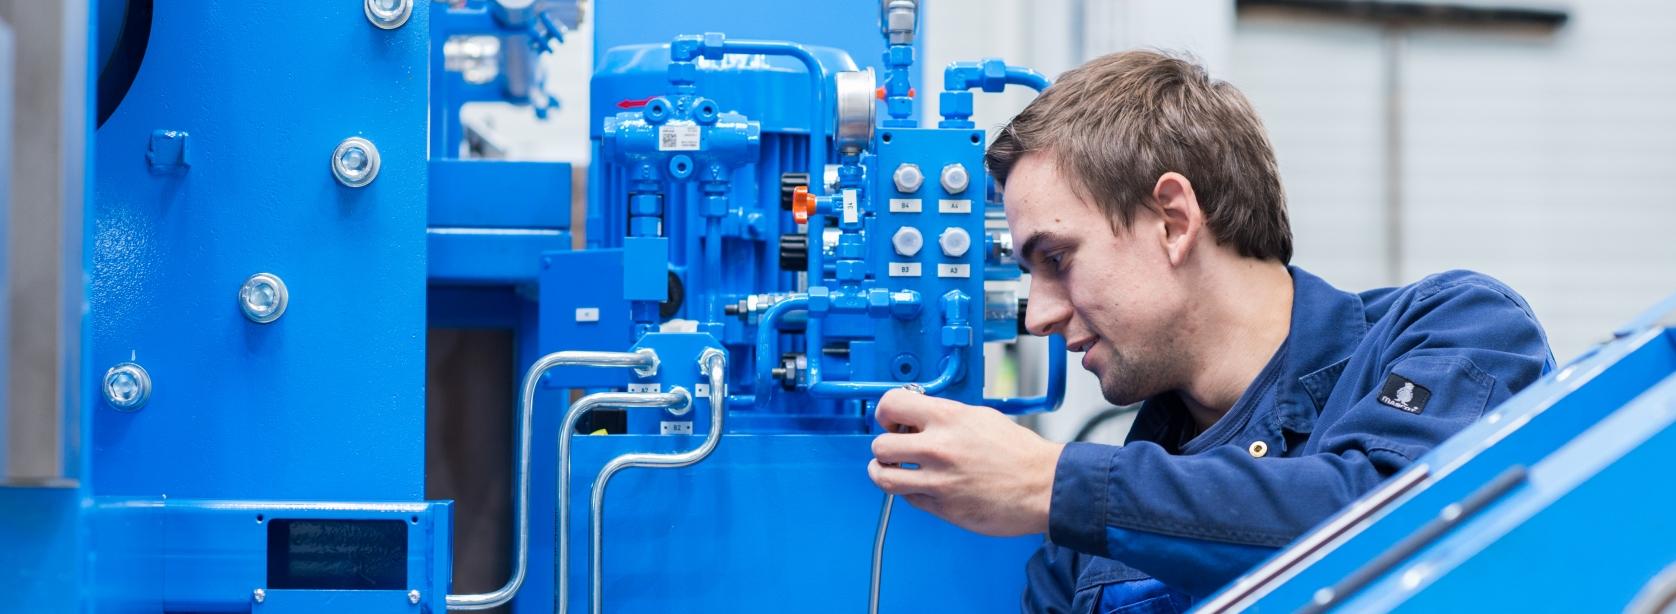 UTH GmbH Wartungs Service weltweit